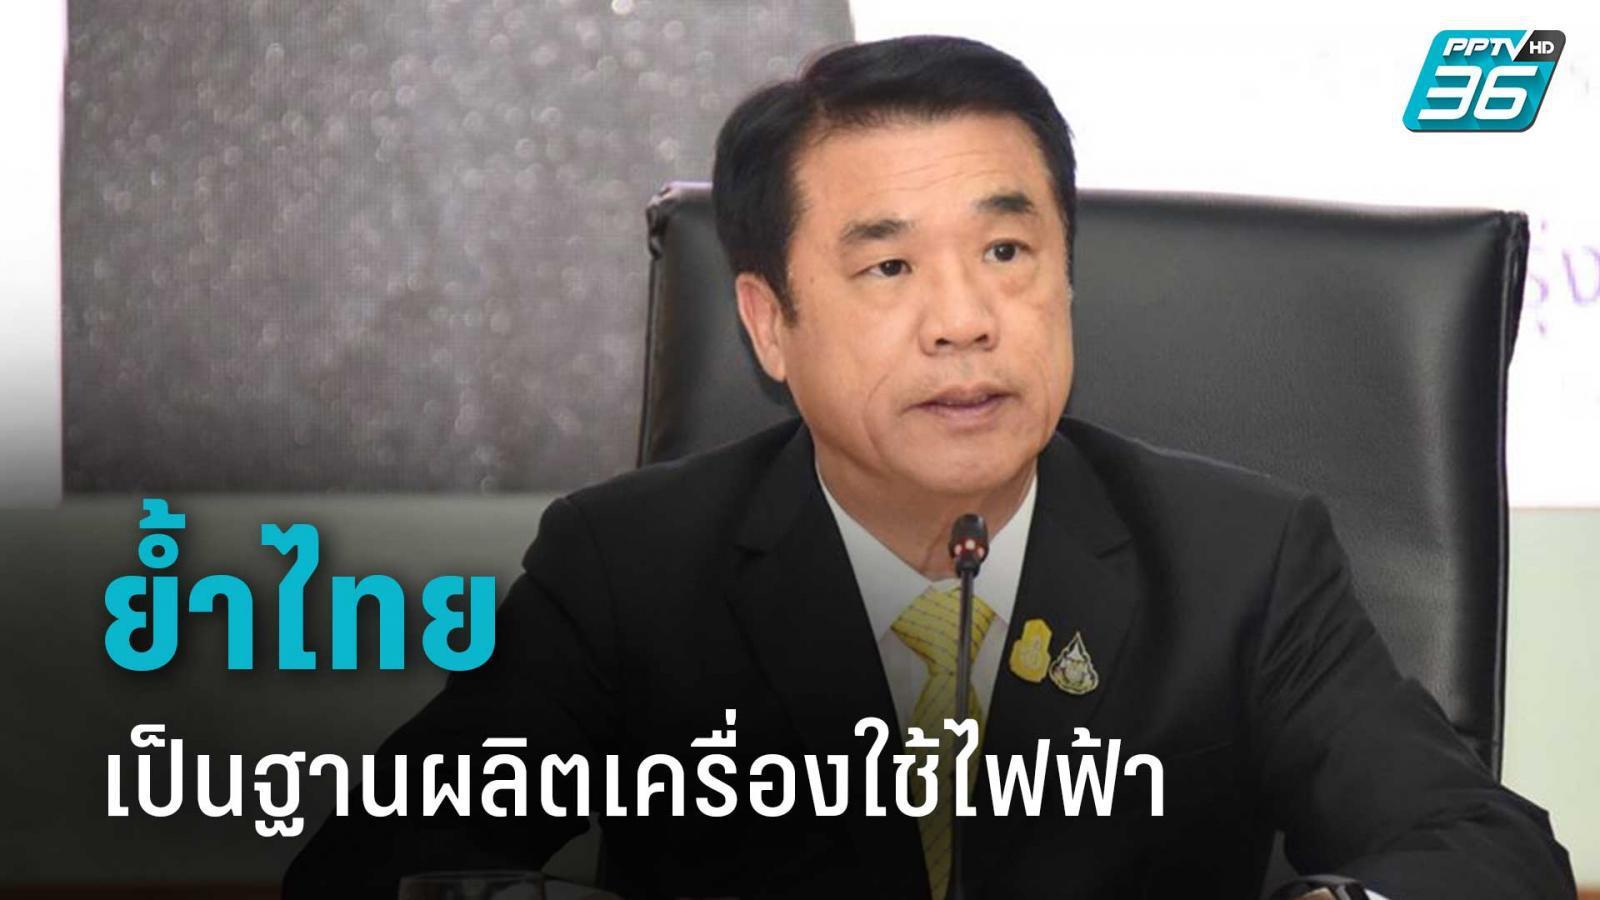 """ก.อุตฯ ย้ำไทย เป็นฐานผลิตเครื่องใช้ไฟฟ้า ยัน""""พานาโซนิค"""" ย้ายแค่ 2 โรง"""